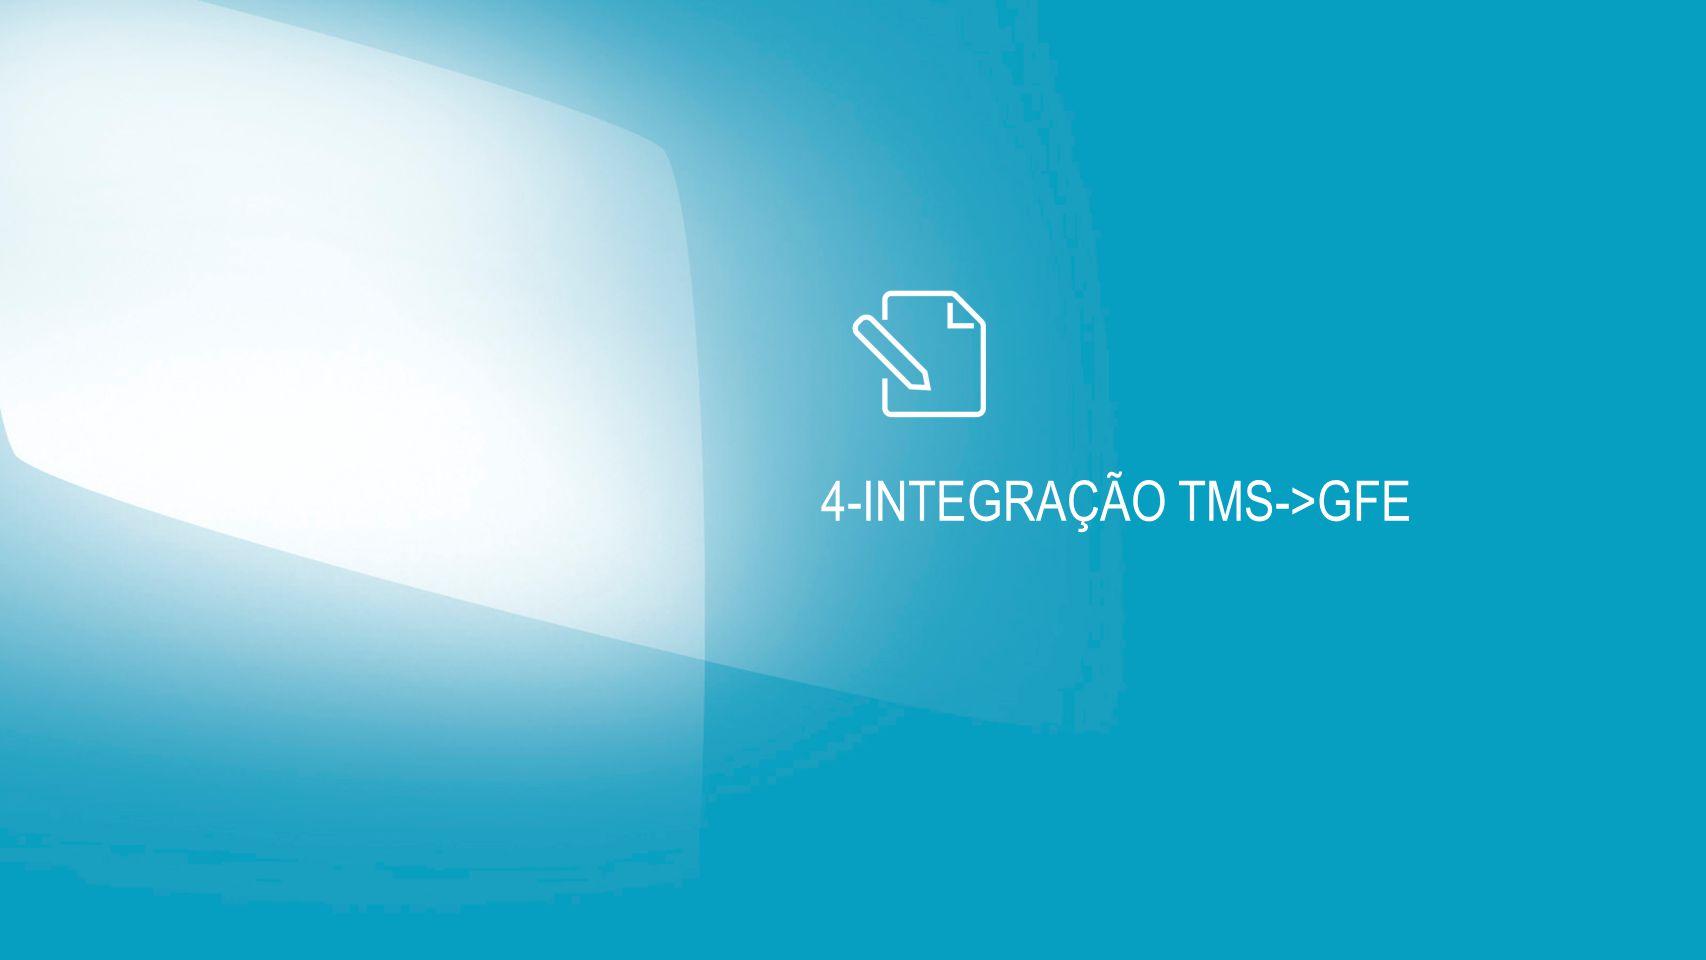 4-Integração tms->gfe